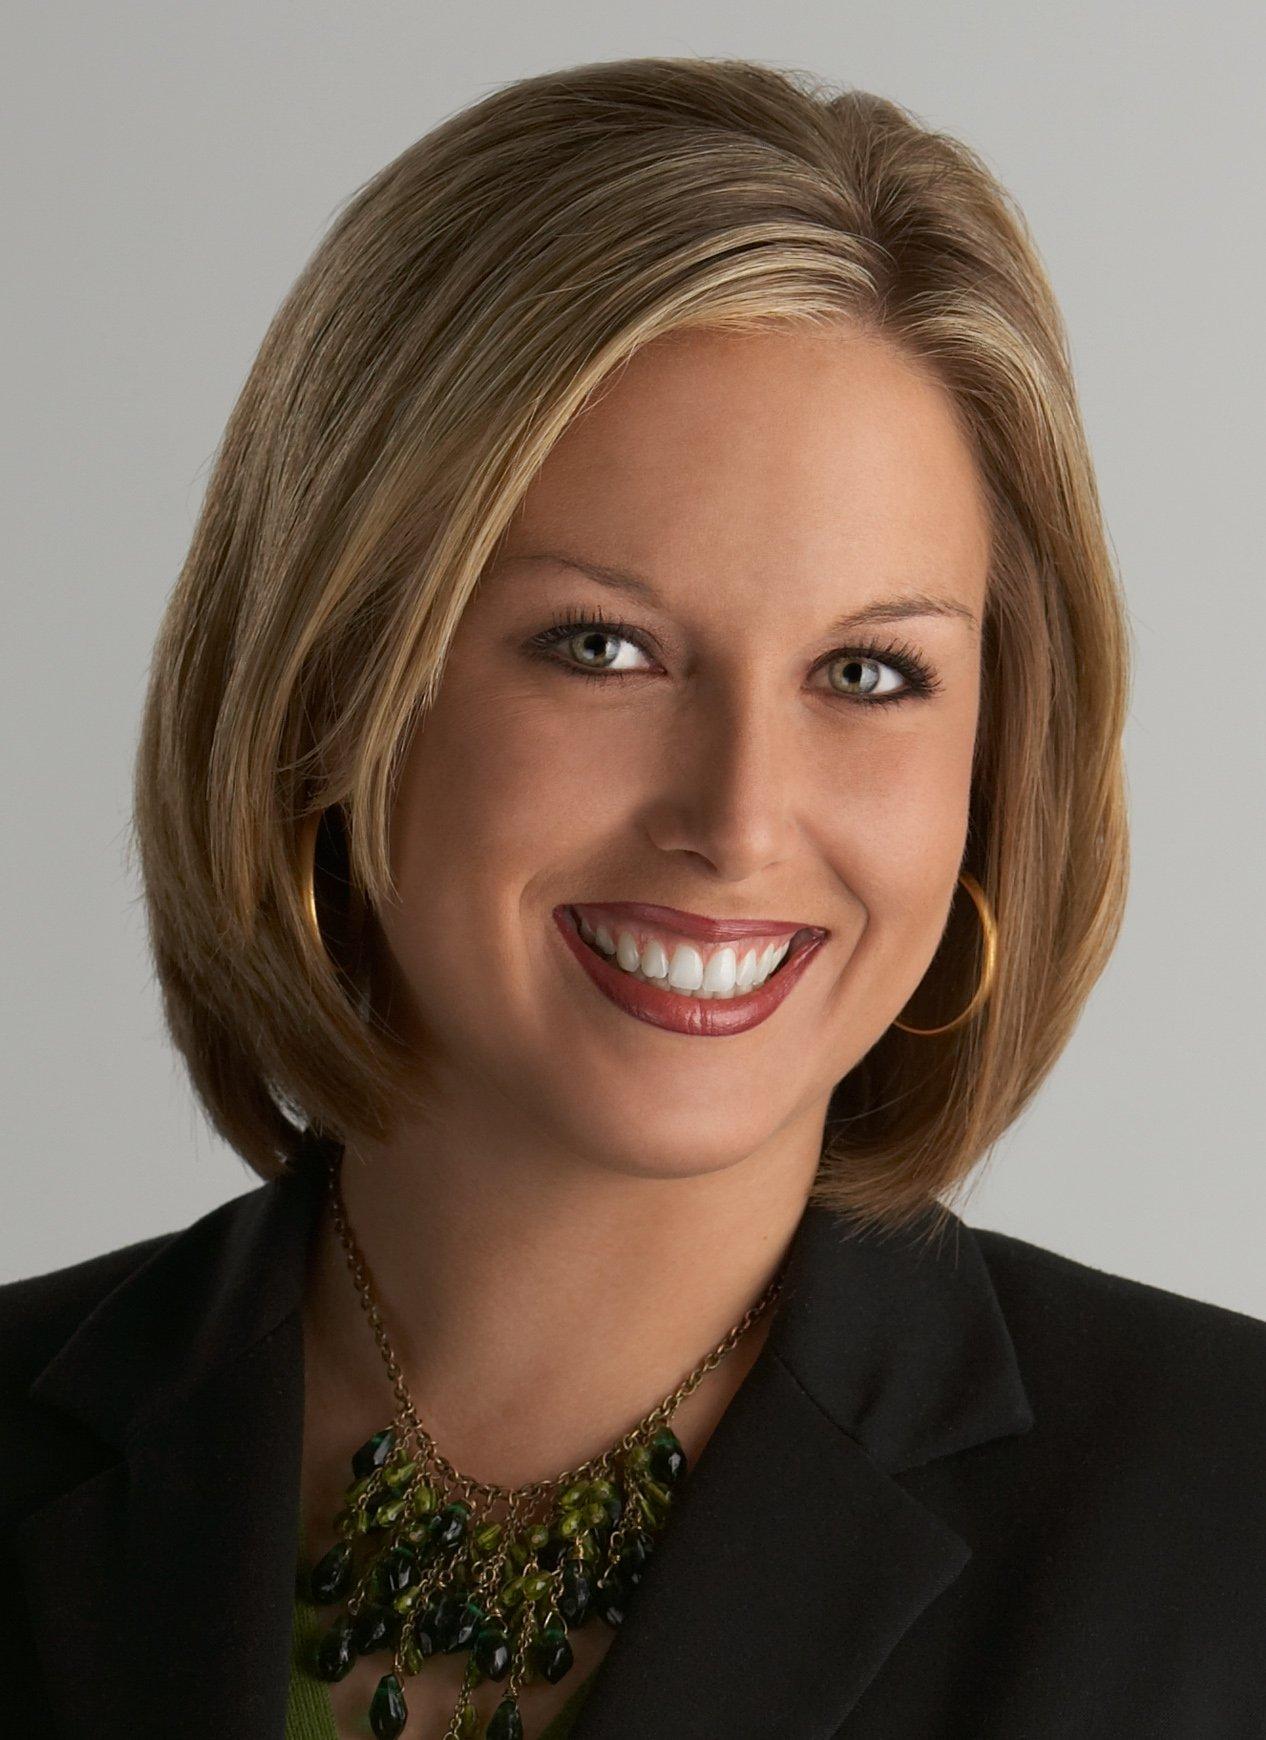 Jennifer Kielman in 2007 at WAOW